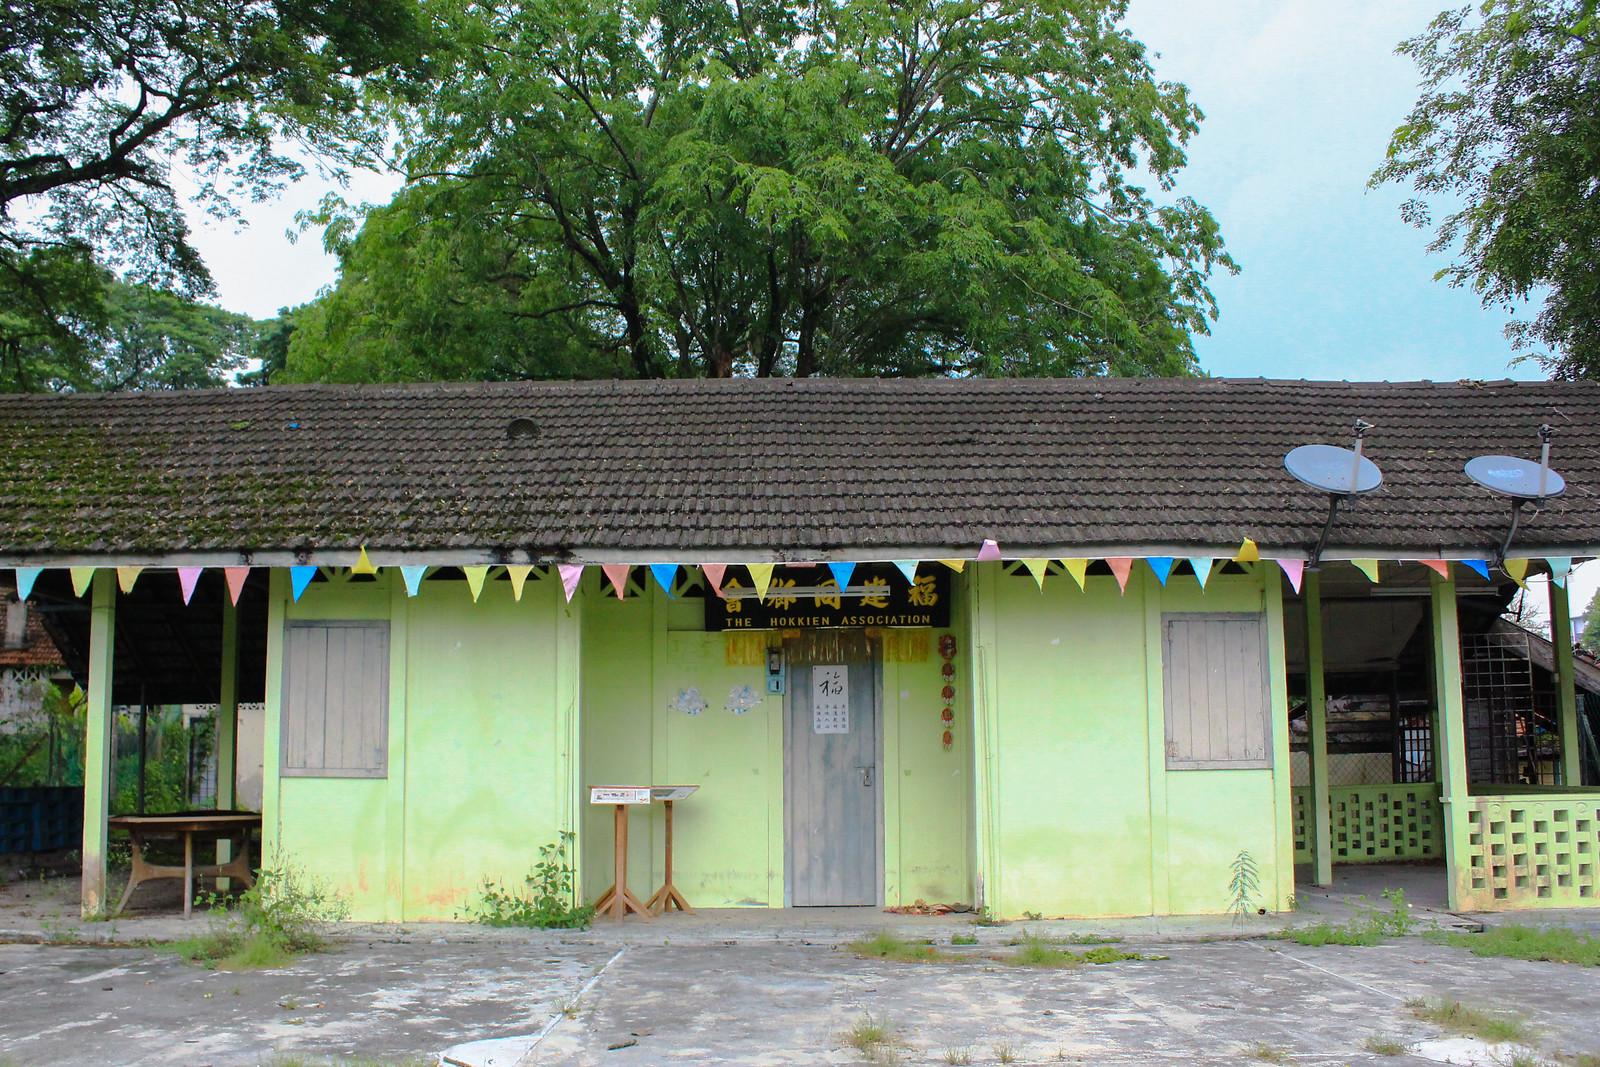 馬來西亞華人的會館文化在院內一度興盛,福建同鄉會過去曾擁有許多會員,但如今卻也凋蔽。(攝影:何欣潔)